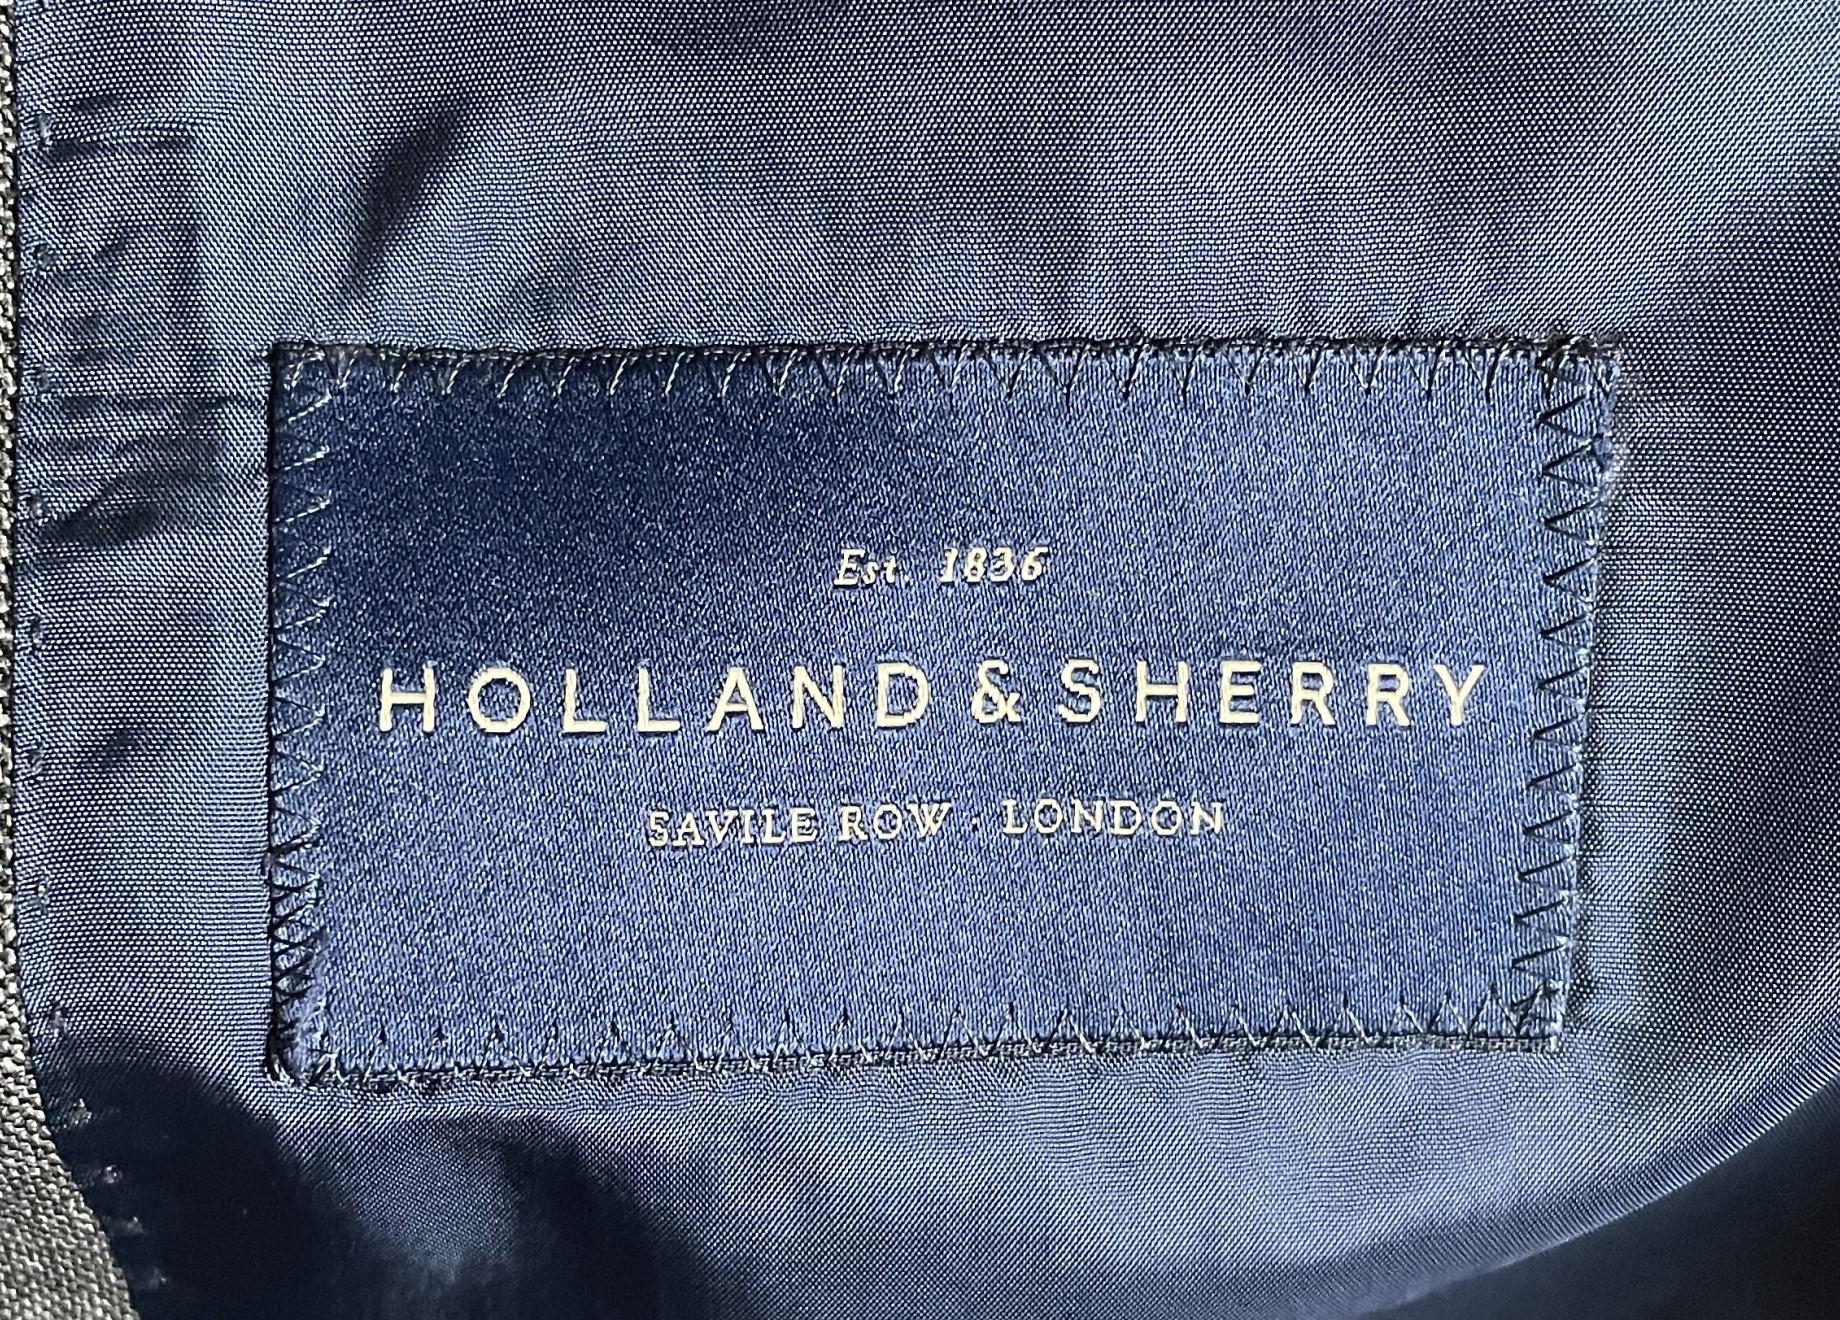 Holland & Sherry… Les mauvaises langues disent que ce n'est plus ce que c'était, refrain connu.